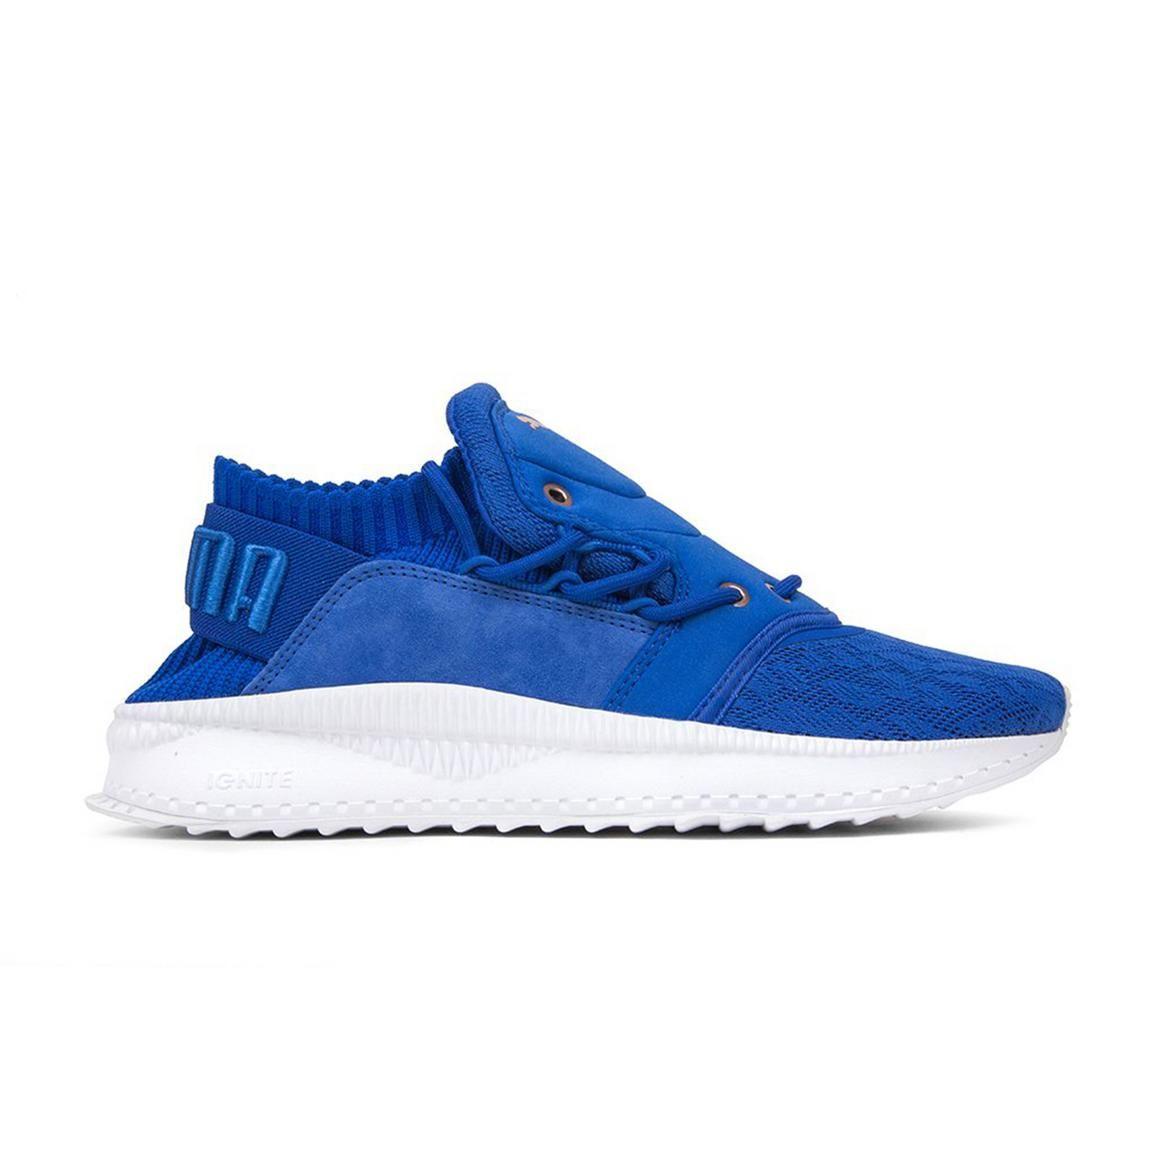 """PUMA Tsugi Shinsei """"Blue"""" Women's Training Shoe (With"""